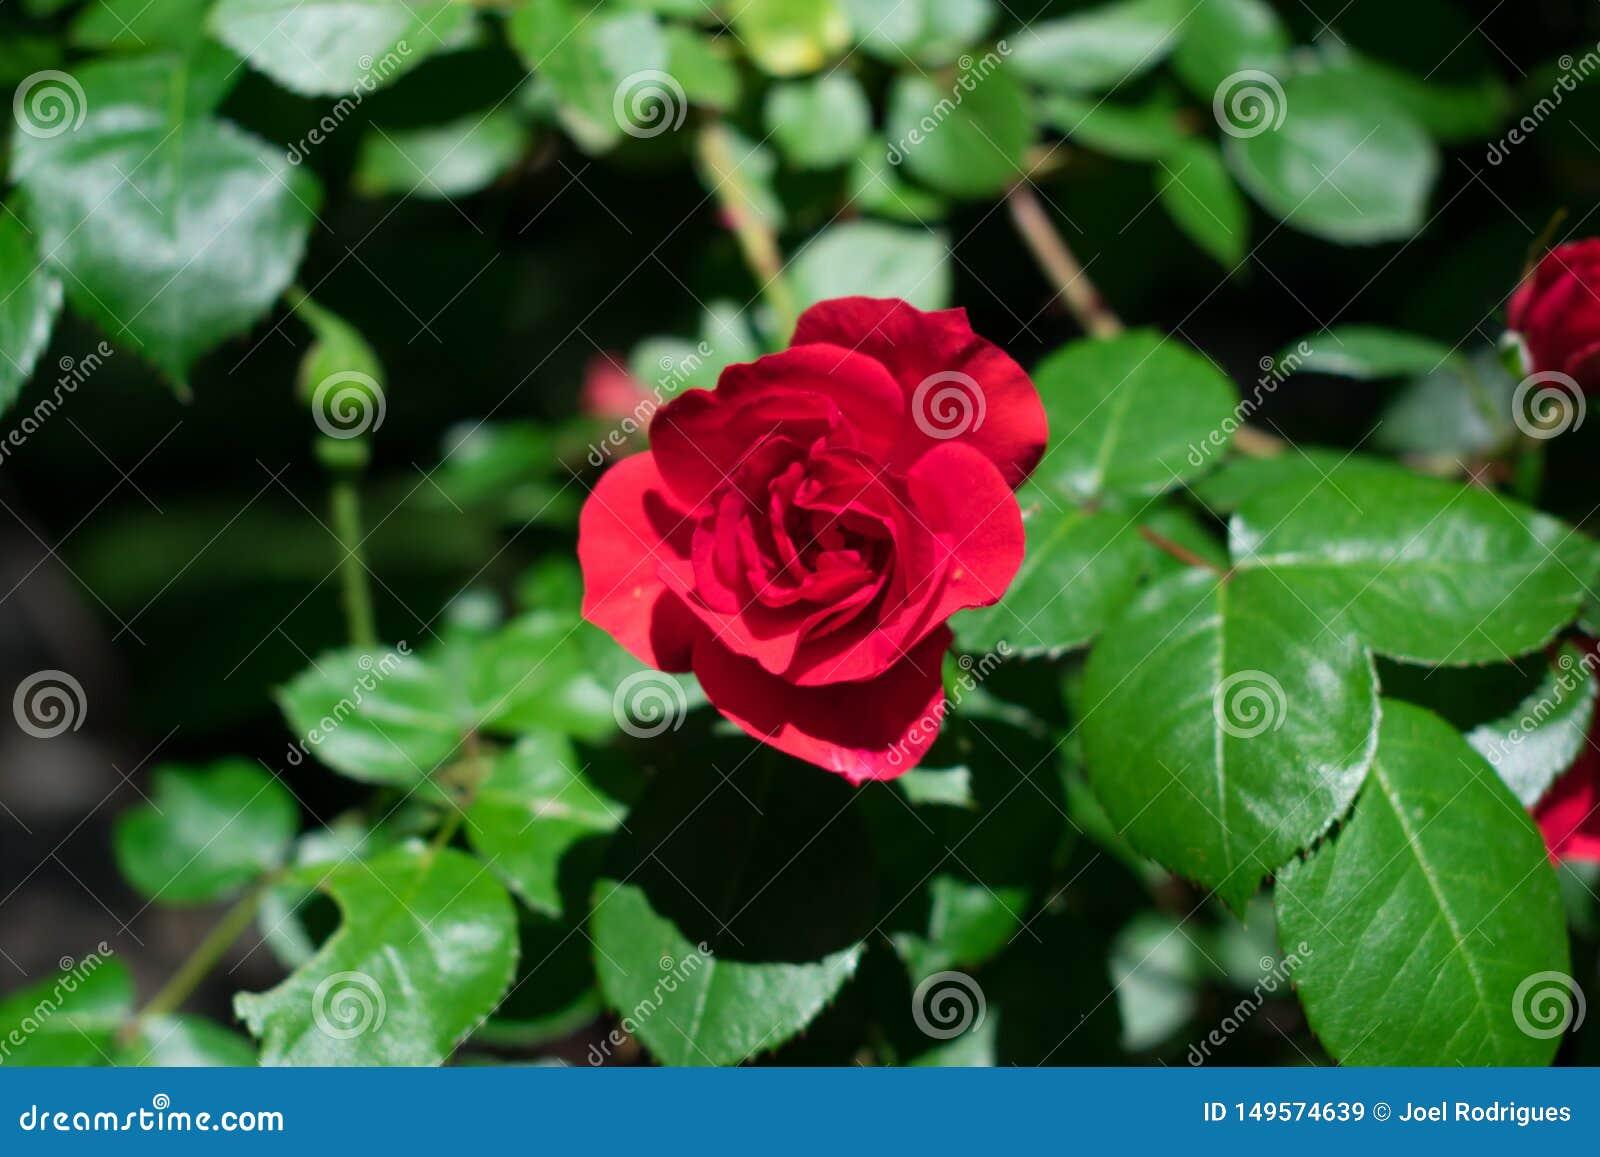 El rojo del escarlata subió en un frente de los inf del día soleado de hojas verdes